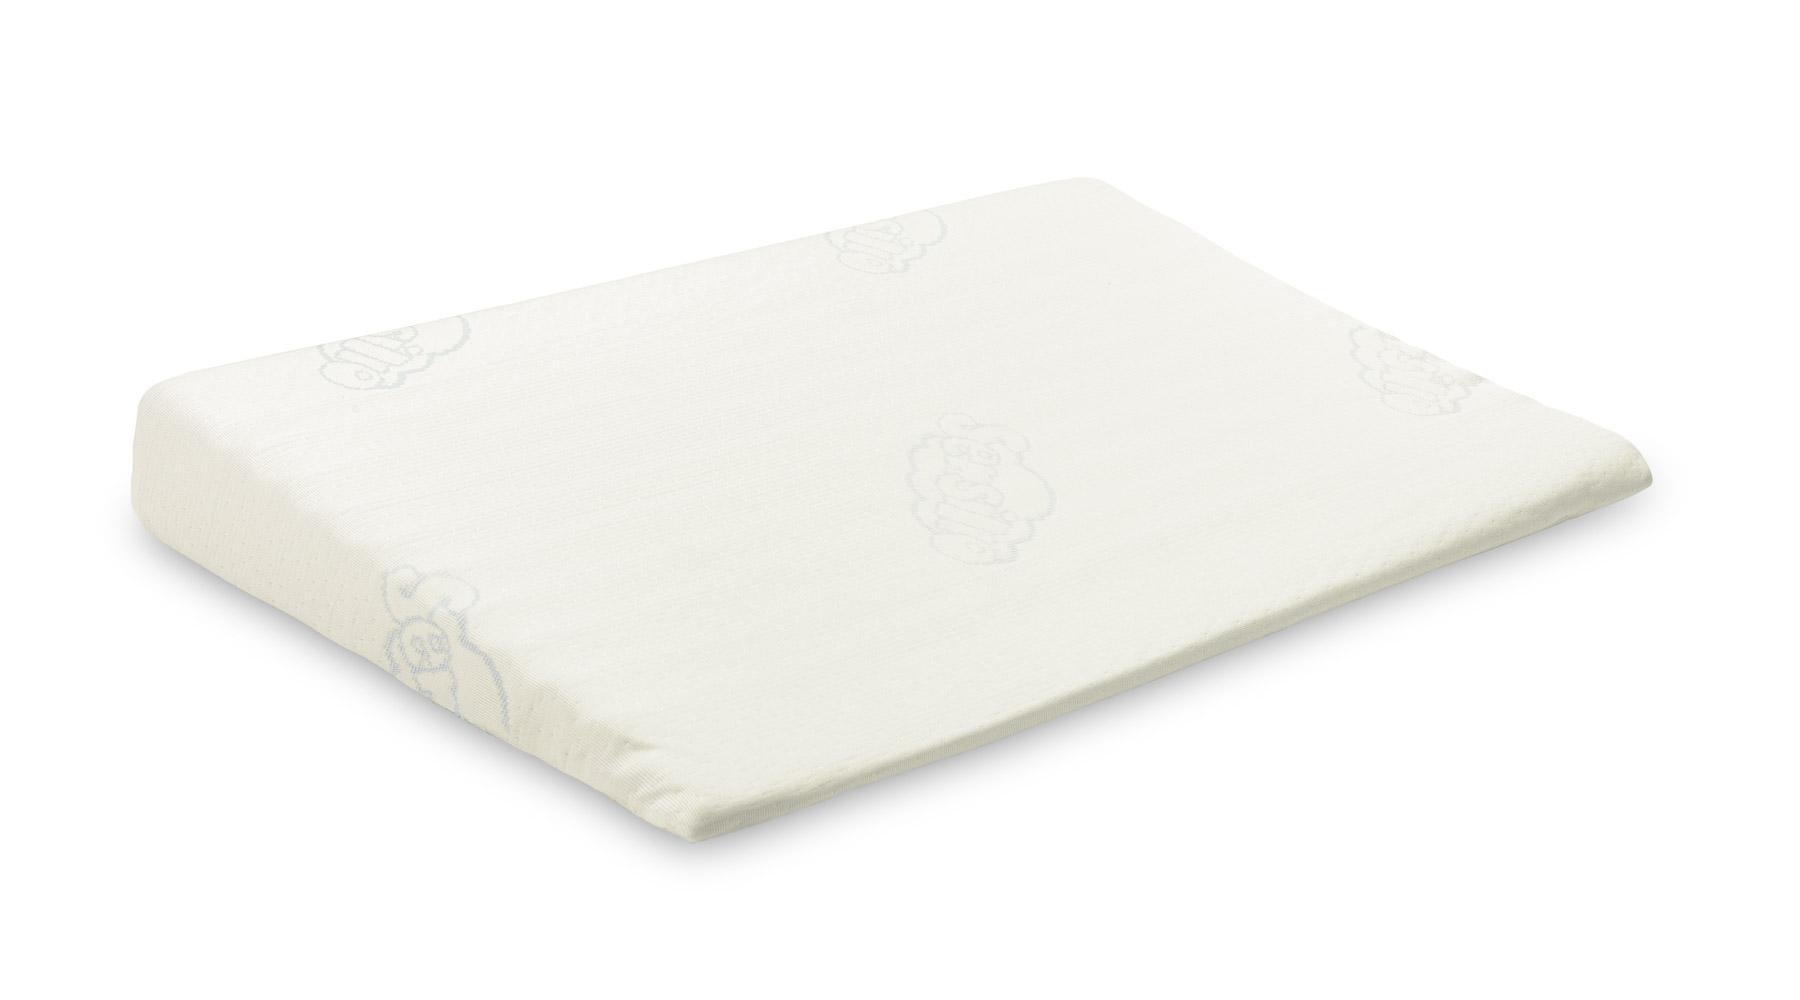 38×60cm Gore Cot Pillow